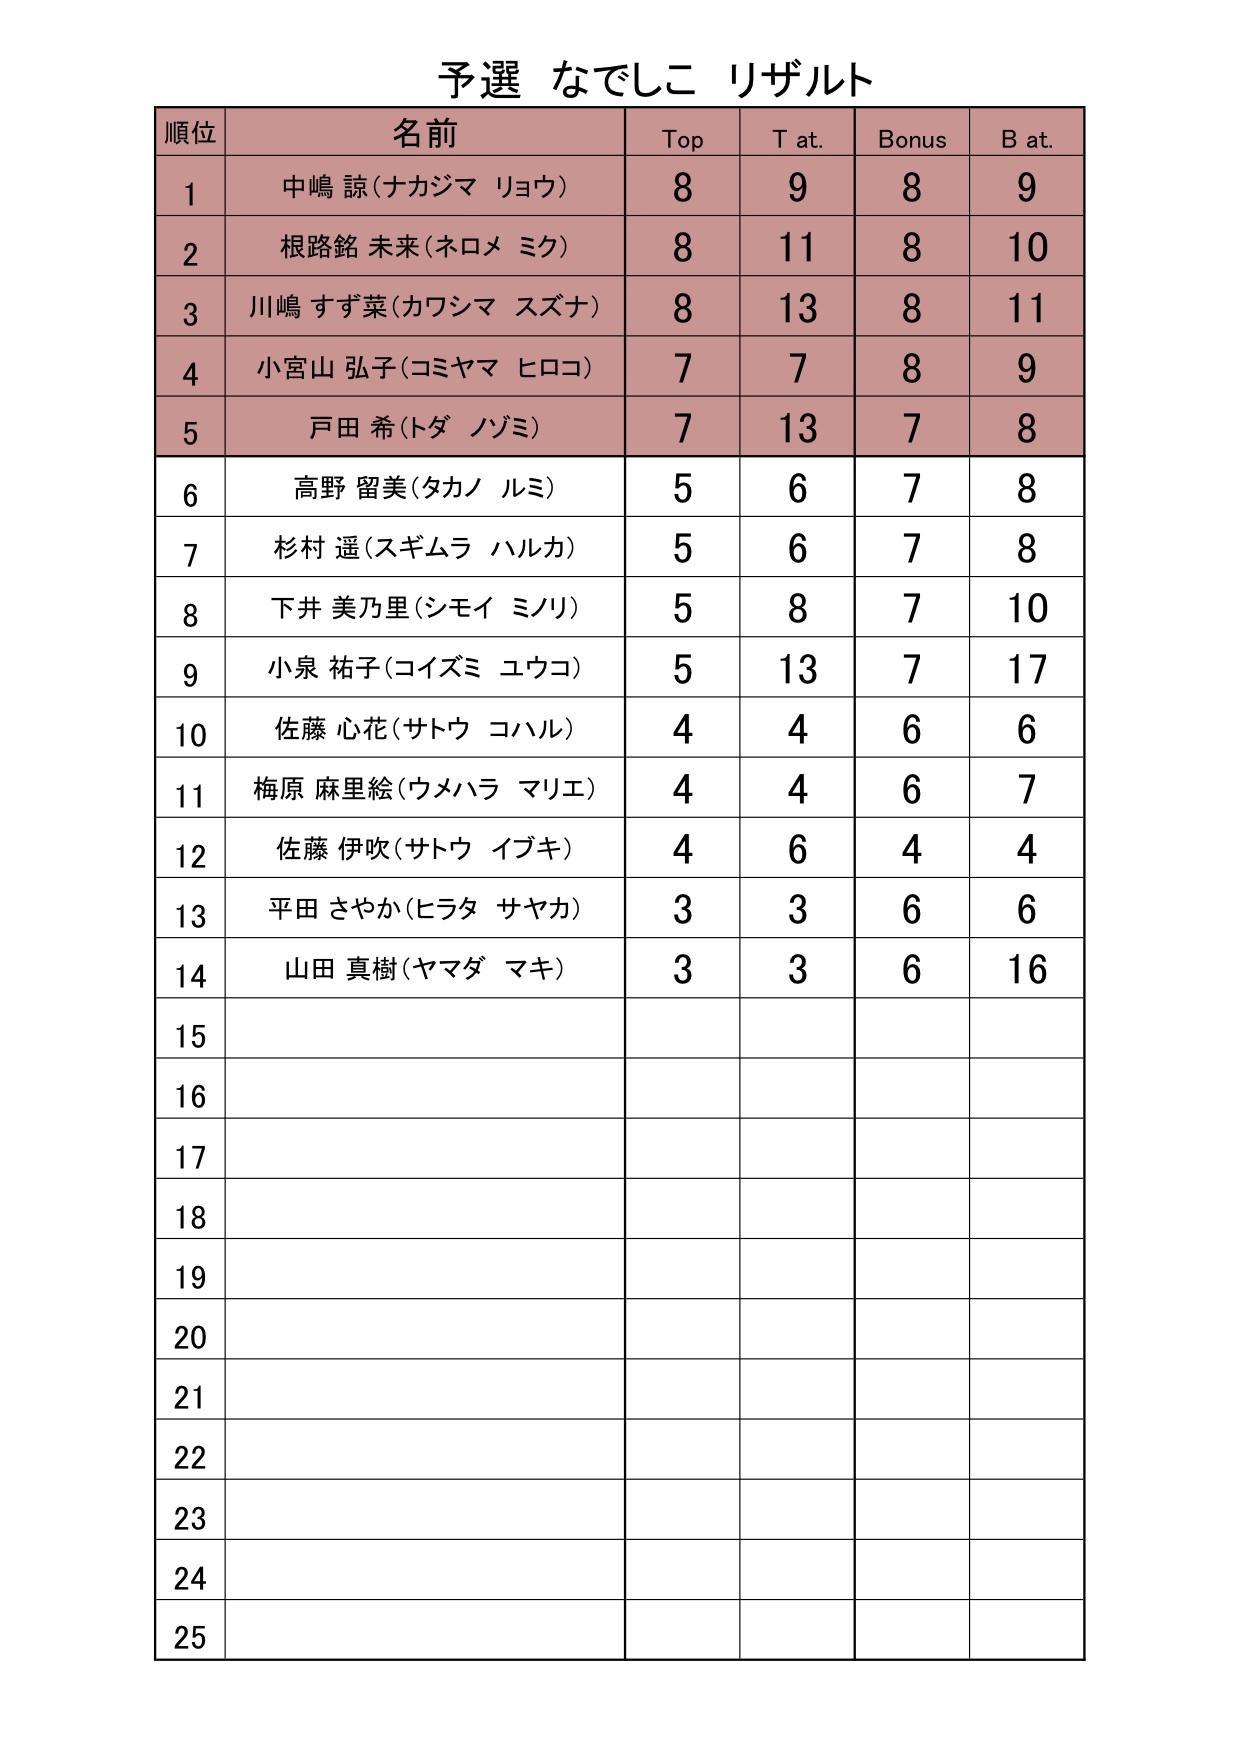 予選決勝リザルト 予選リザルト なでしこ (結果).jpg